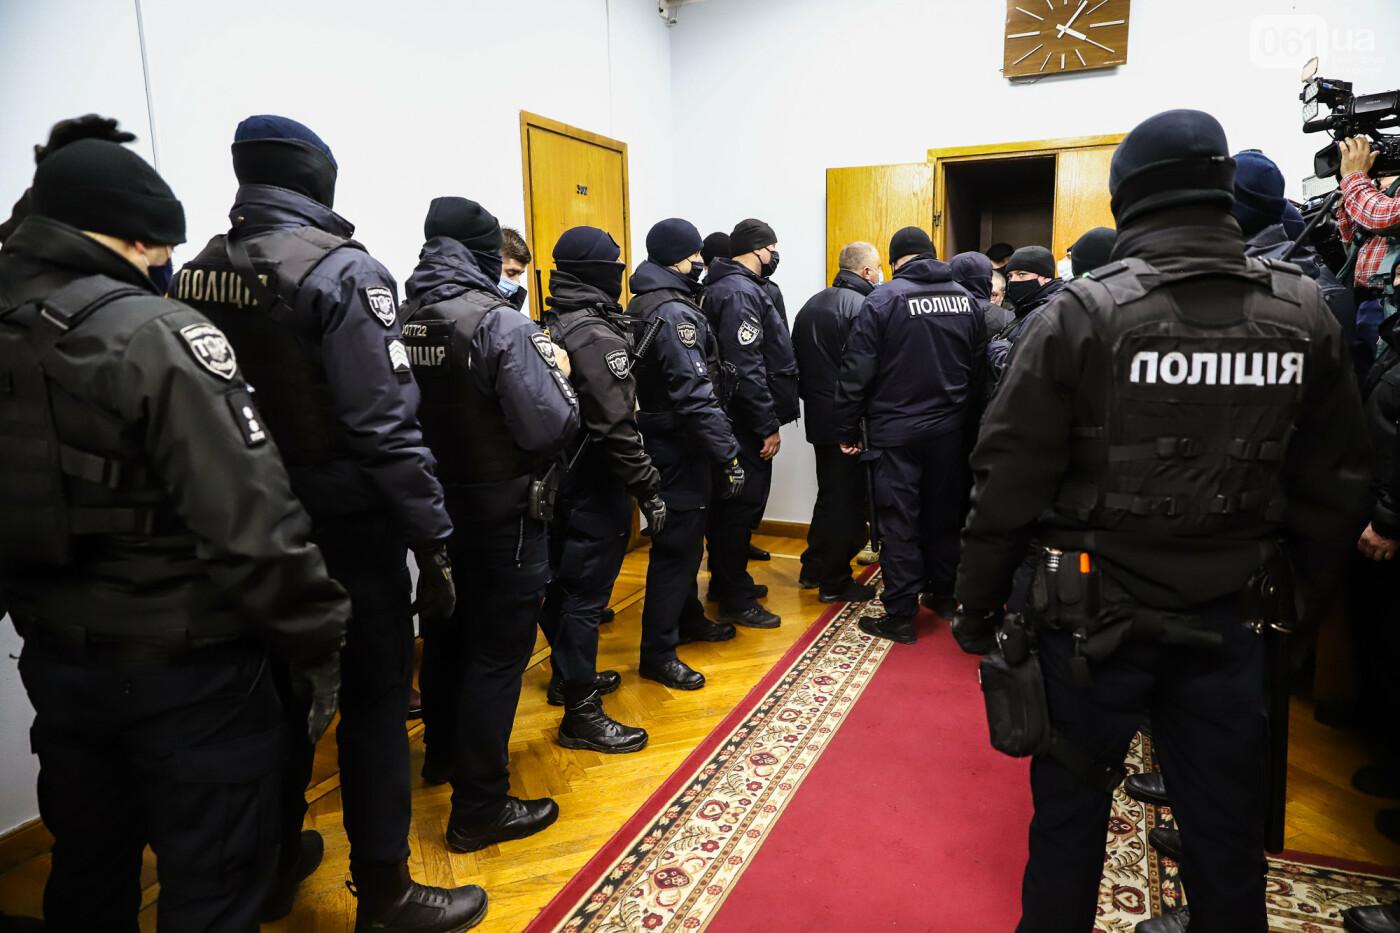 """Тайная """"сессия"""", сотни правоохранителей и стычки с активистами - что происходило в здании Запорожского облсовета, - ФОТО, ВИДЕО , фото-49"""